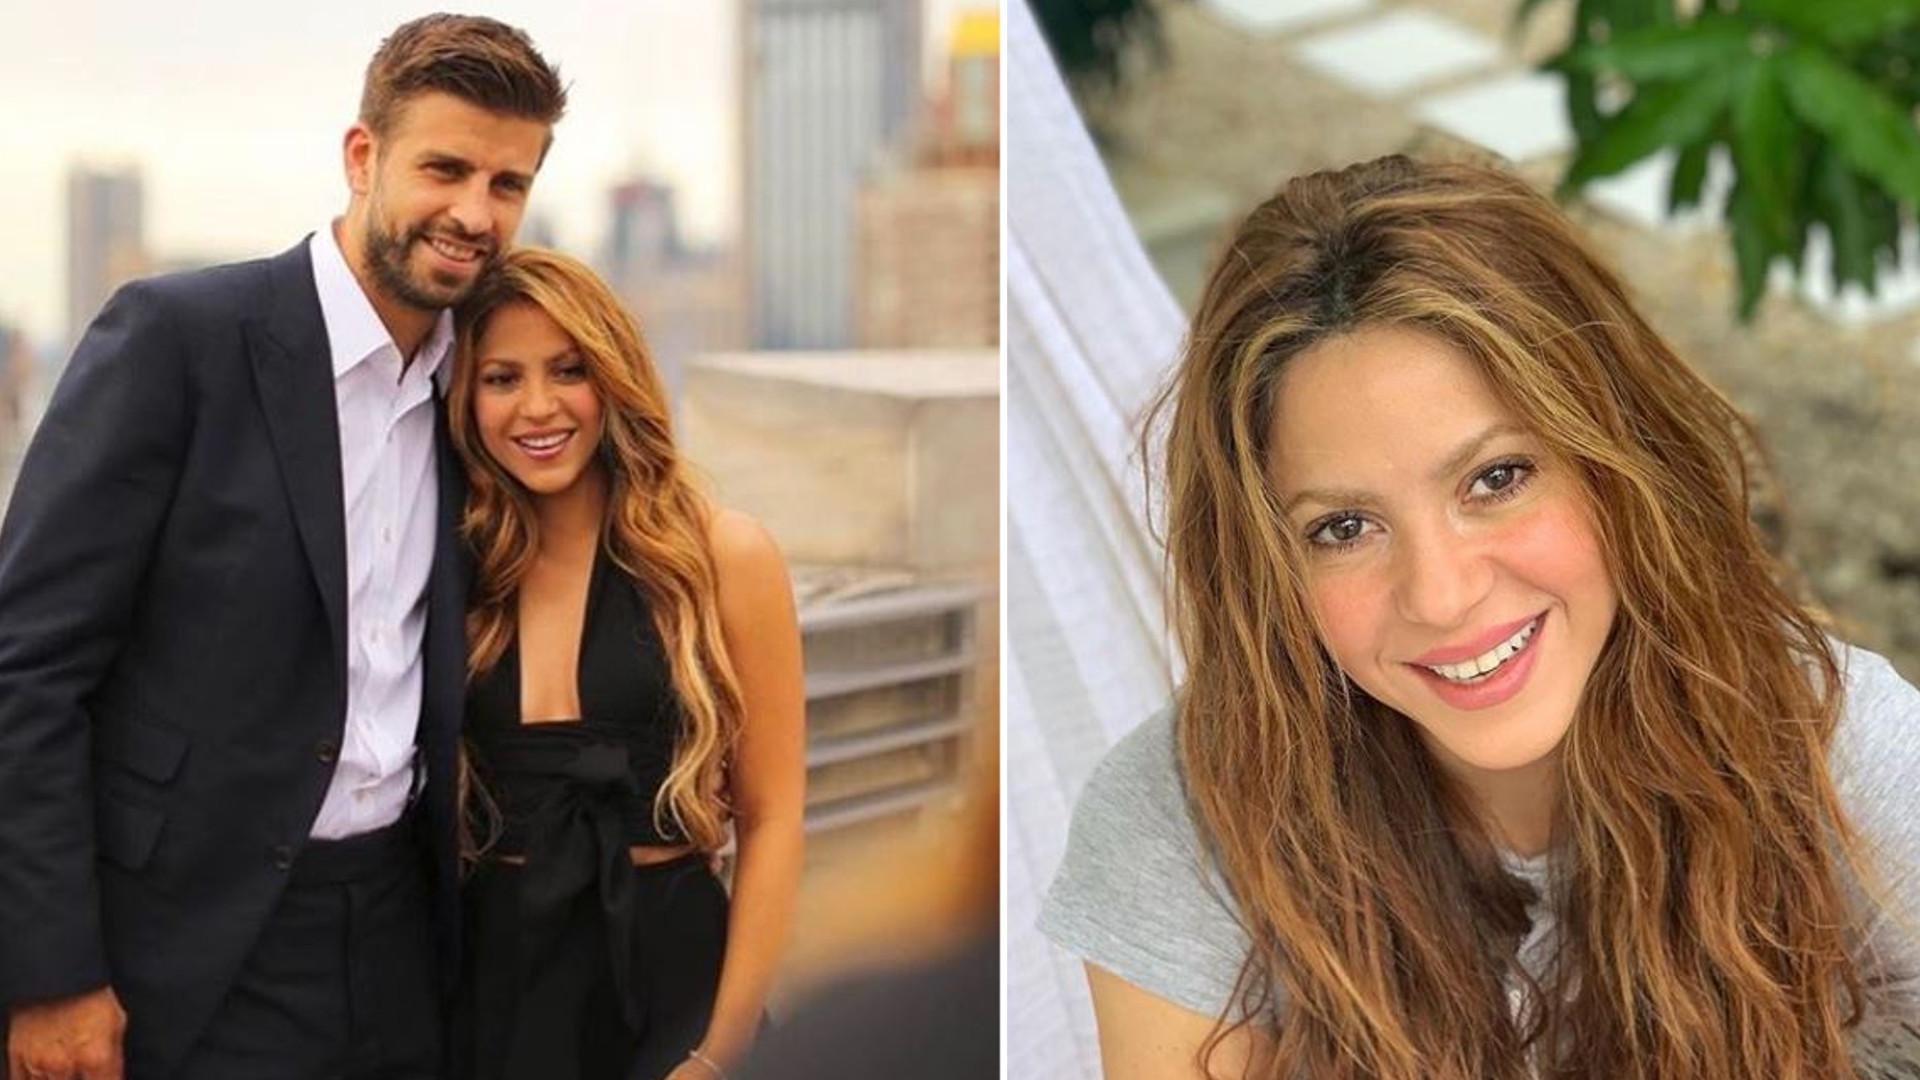 Konflikt małżeński zażegnany! Shakira i Gerard Pique namiętnie całują się na murawie (FOTO)